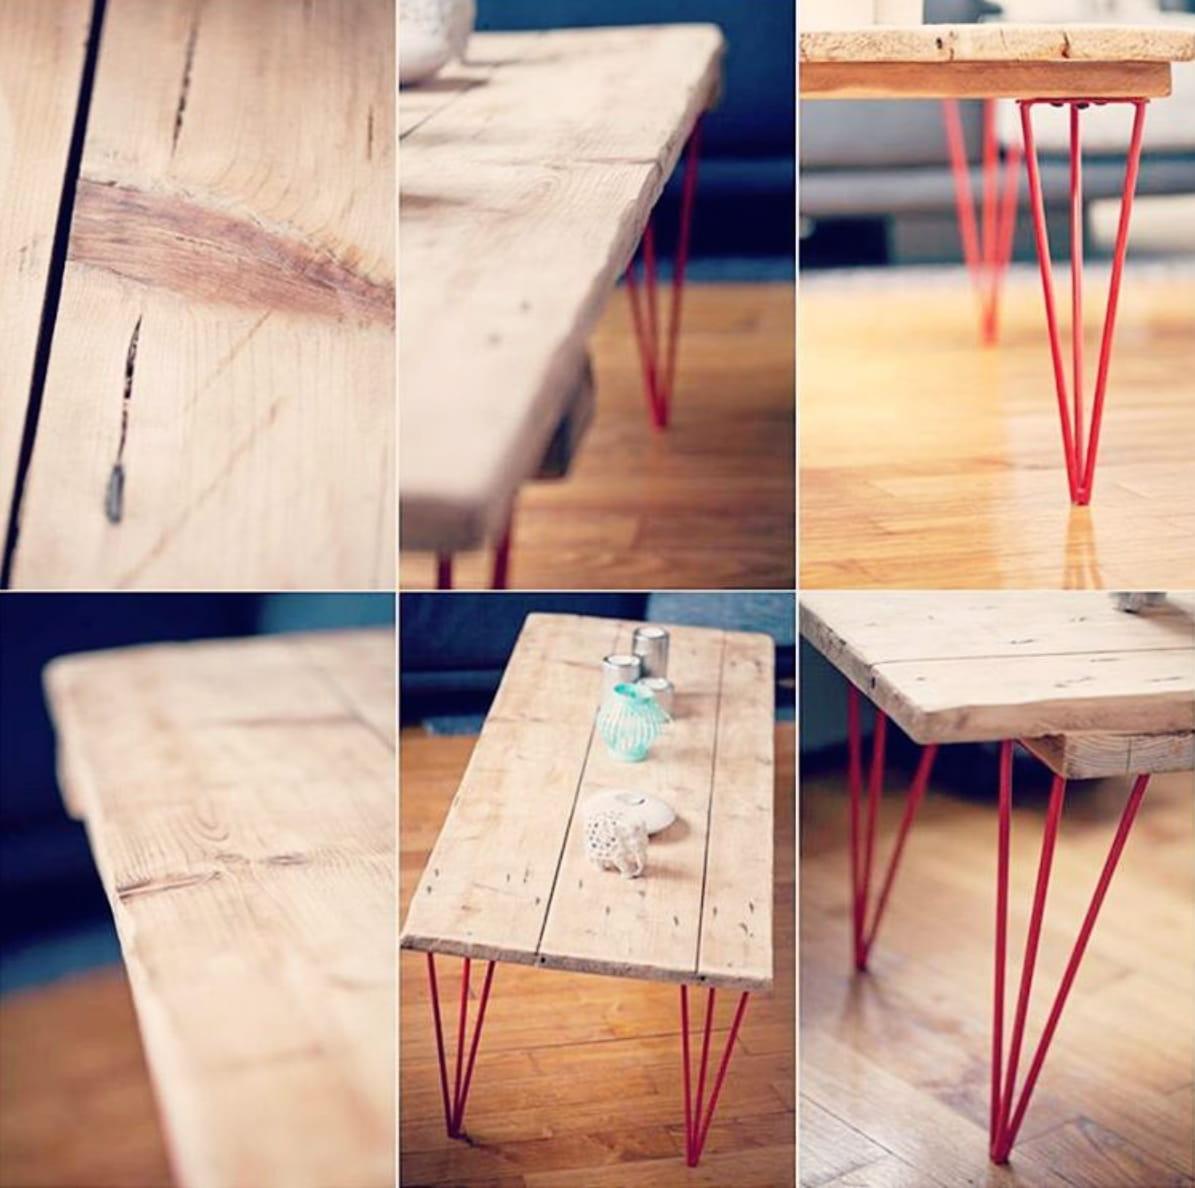 Fabriquer sa table avec des pieds personnalisables - Table basse qui se transforme en table haute ...